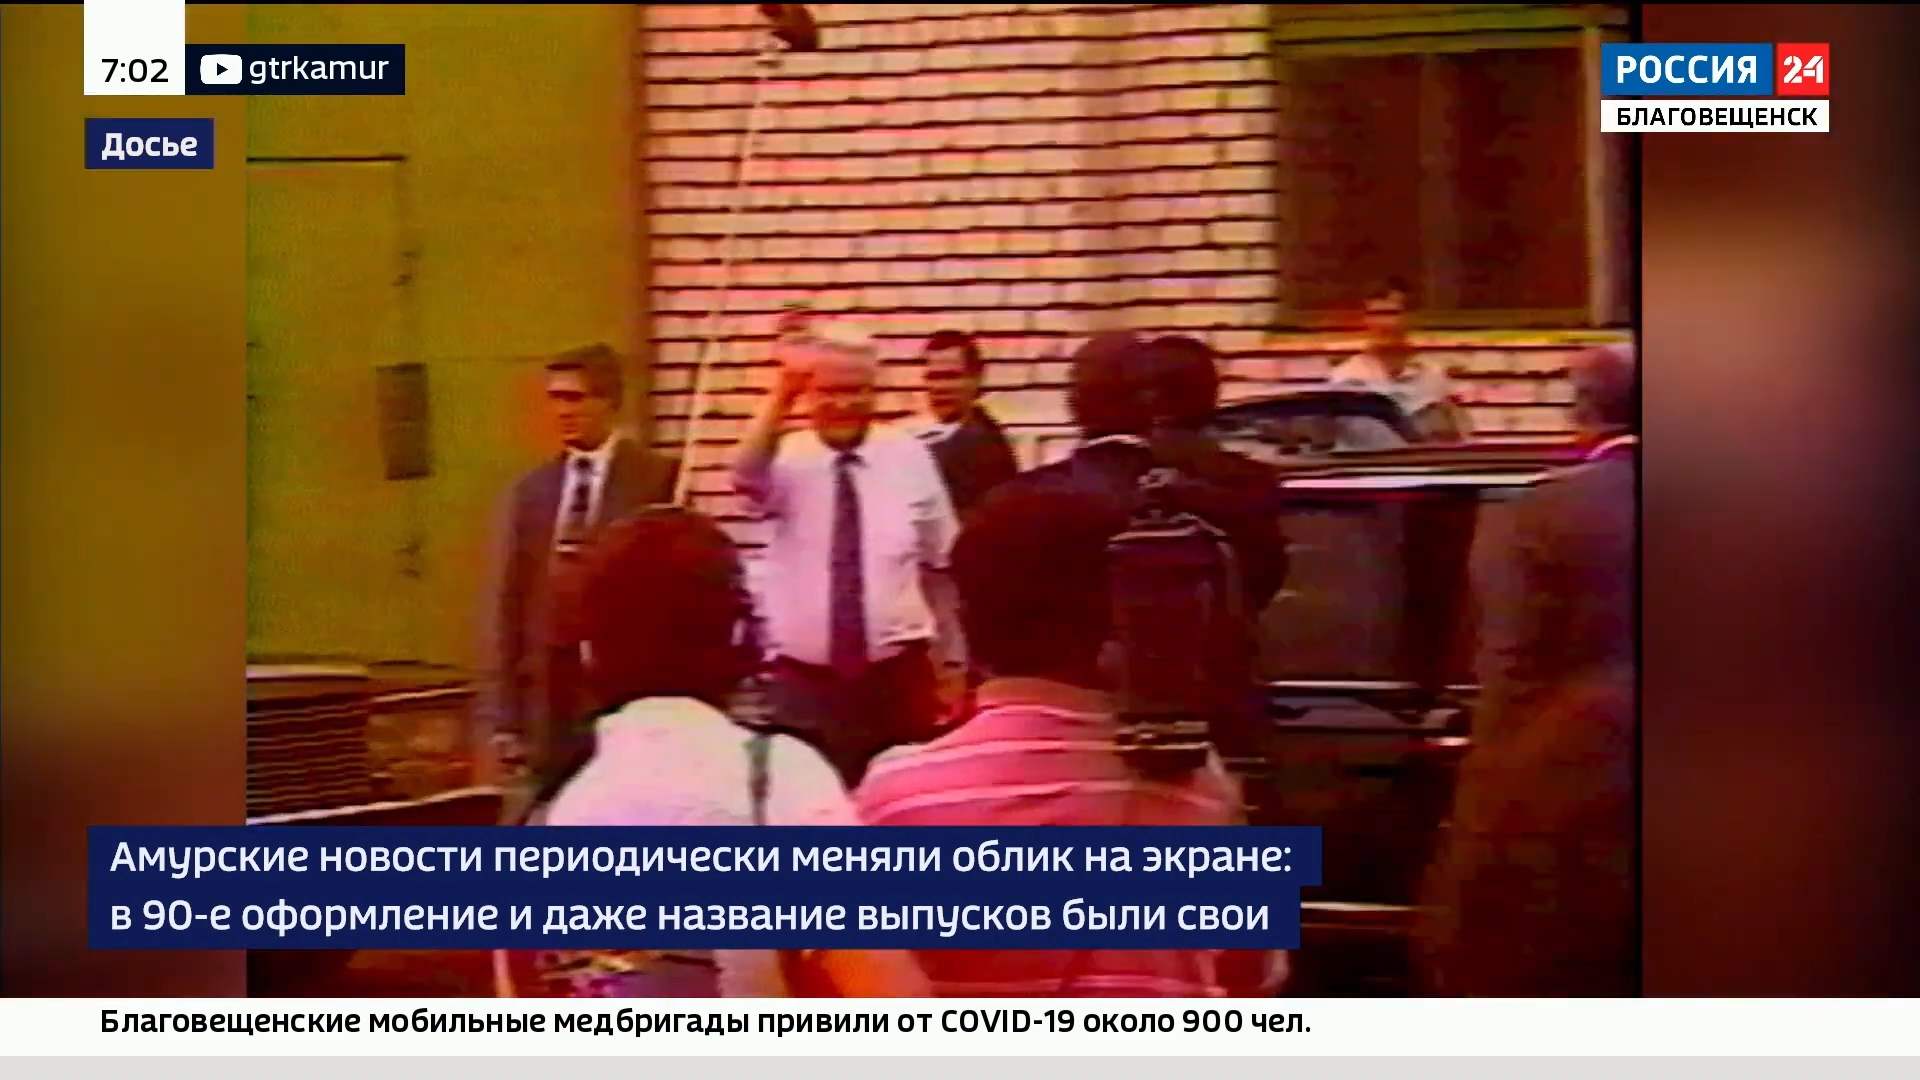 20210513_07-40--30 лет в эфире- сегодня ВГТРК празднует юбилей «Вестей»-pic06